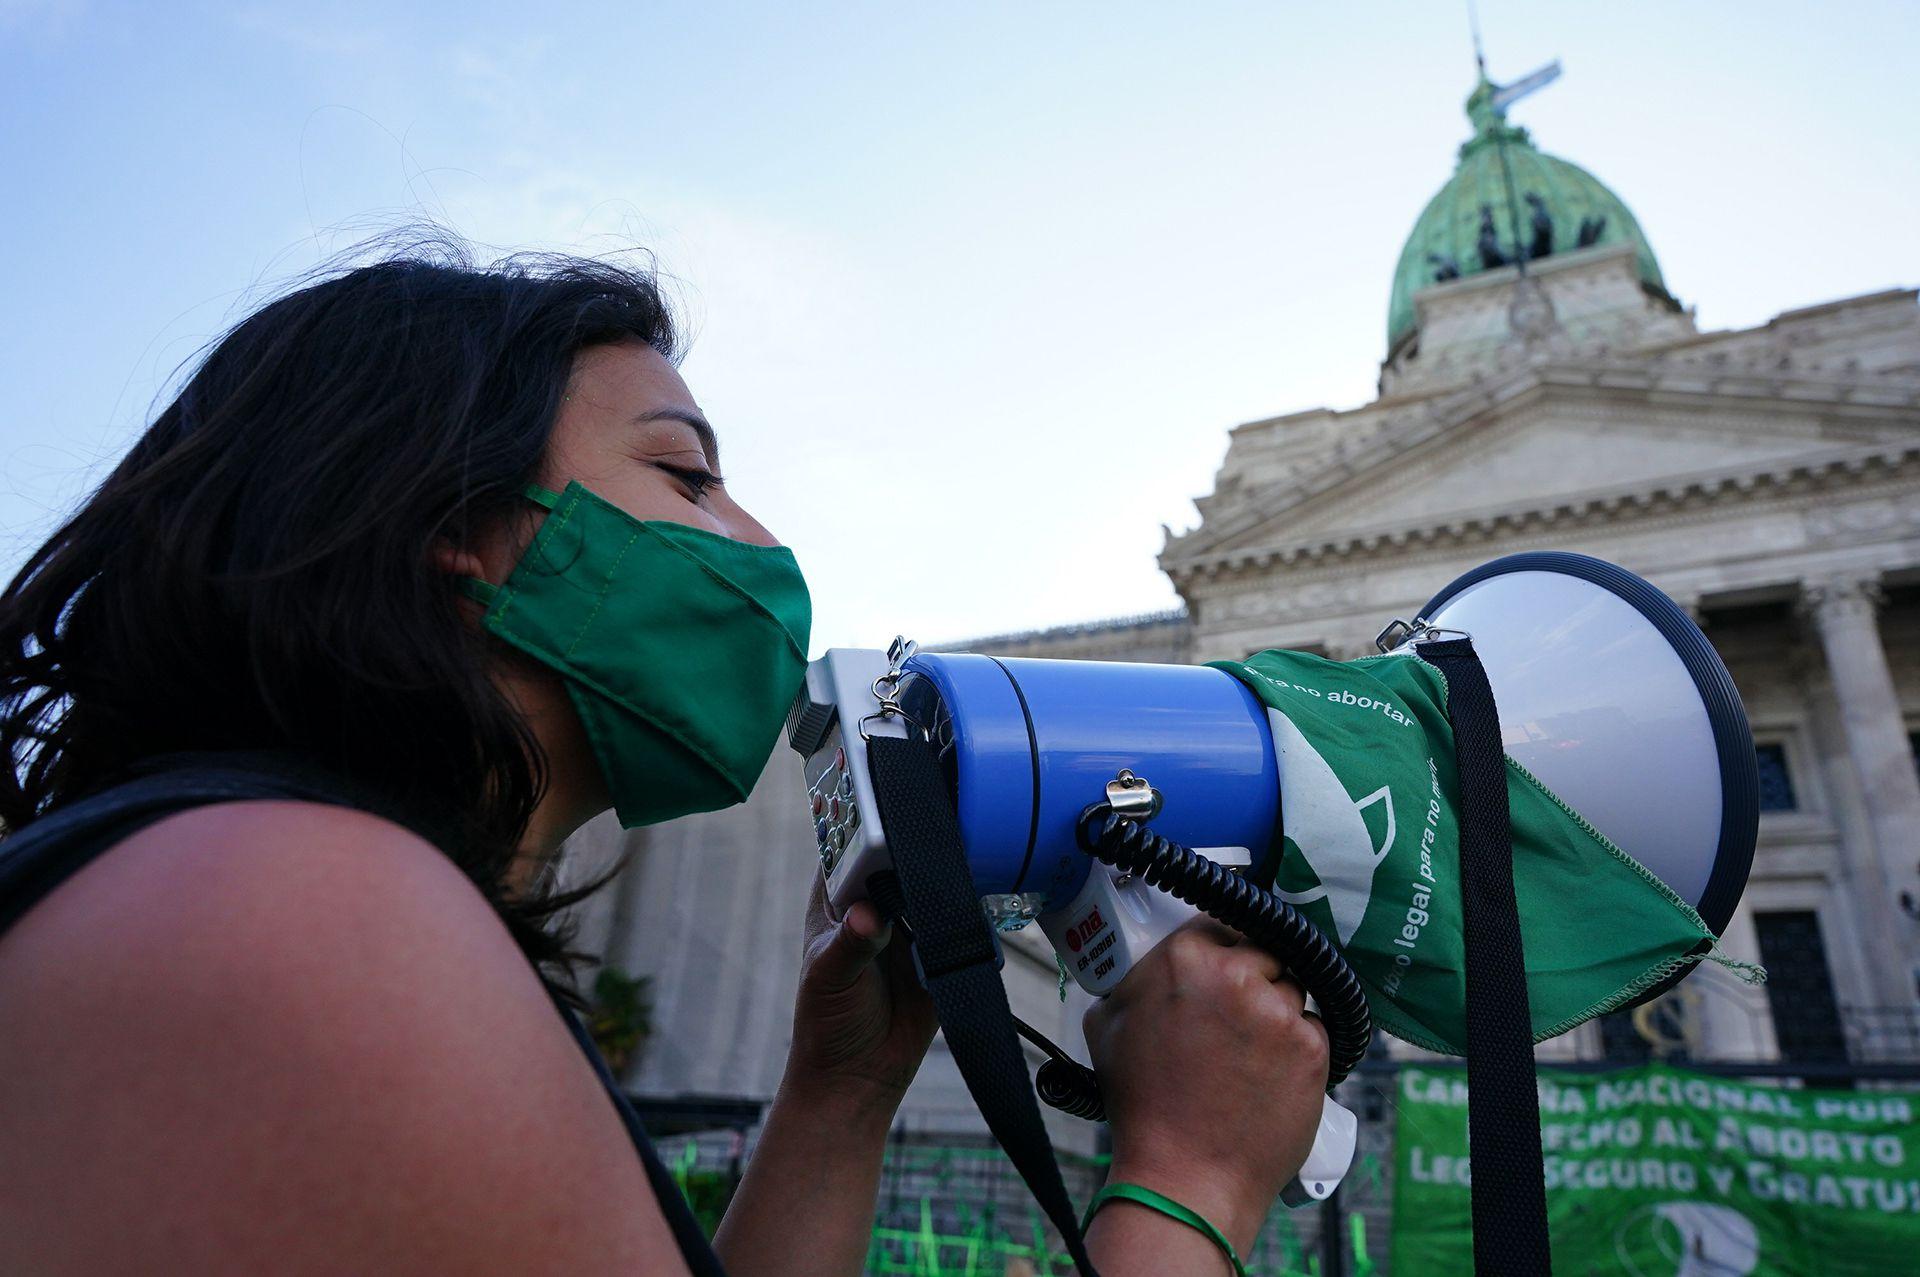 Marcha Aborto Congreso 18/11/20